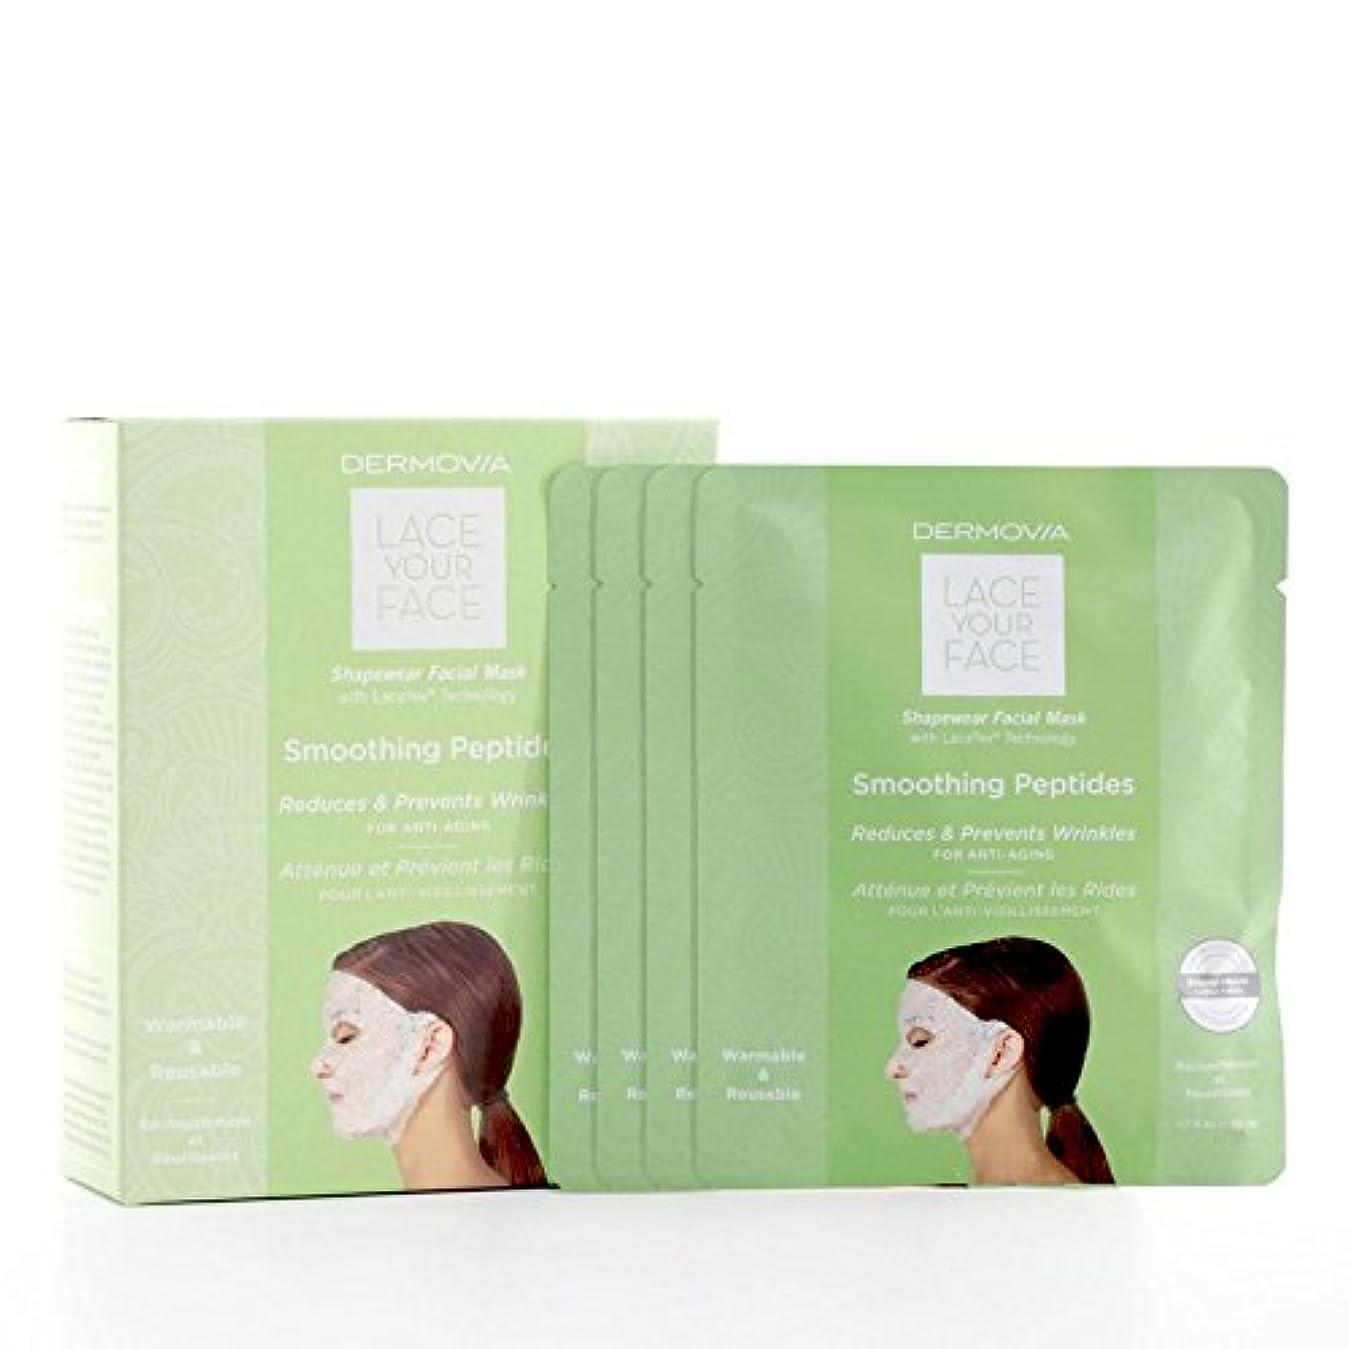 始まりパン機械的は、あなたの顔の圧縮フェイシャルマスク平滑化ペプチドをひもで締めます x2 - Dermovia Lace Your Face Compression Facial Mask Smoothing Peptides (Pack...